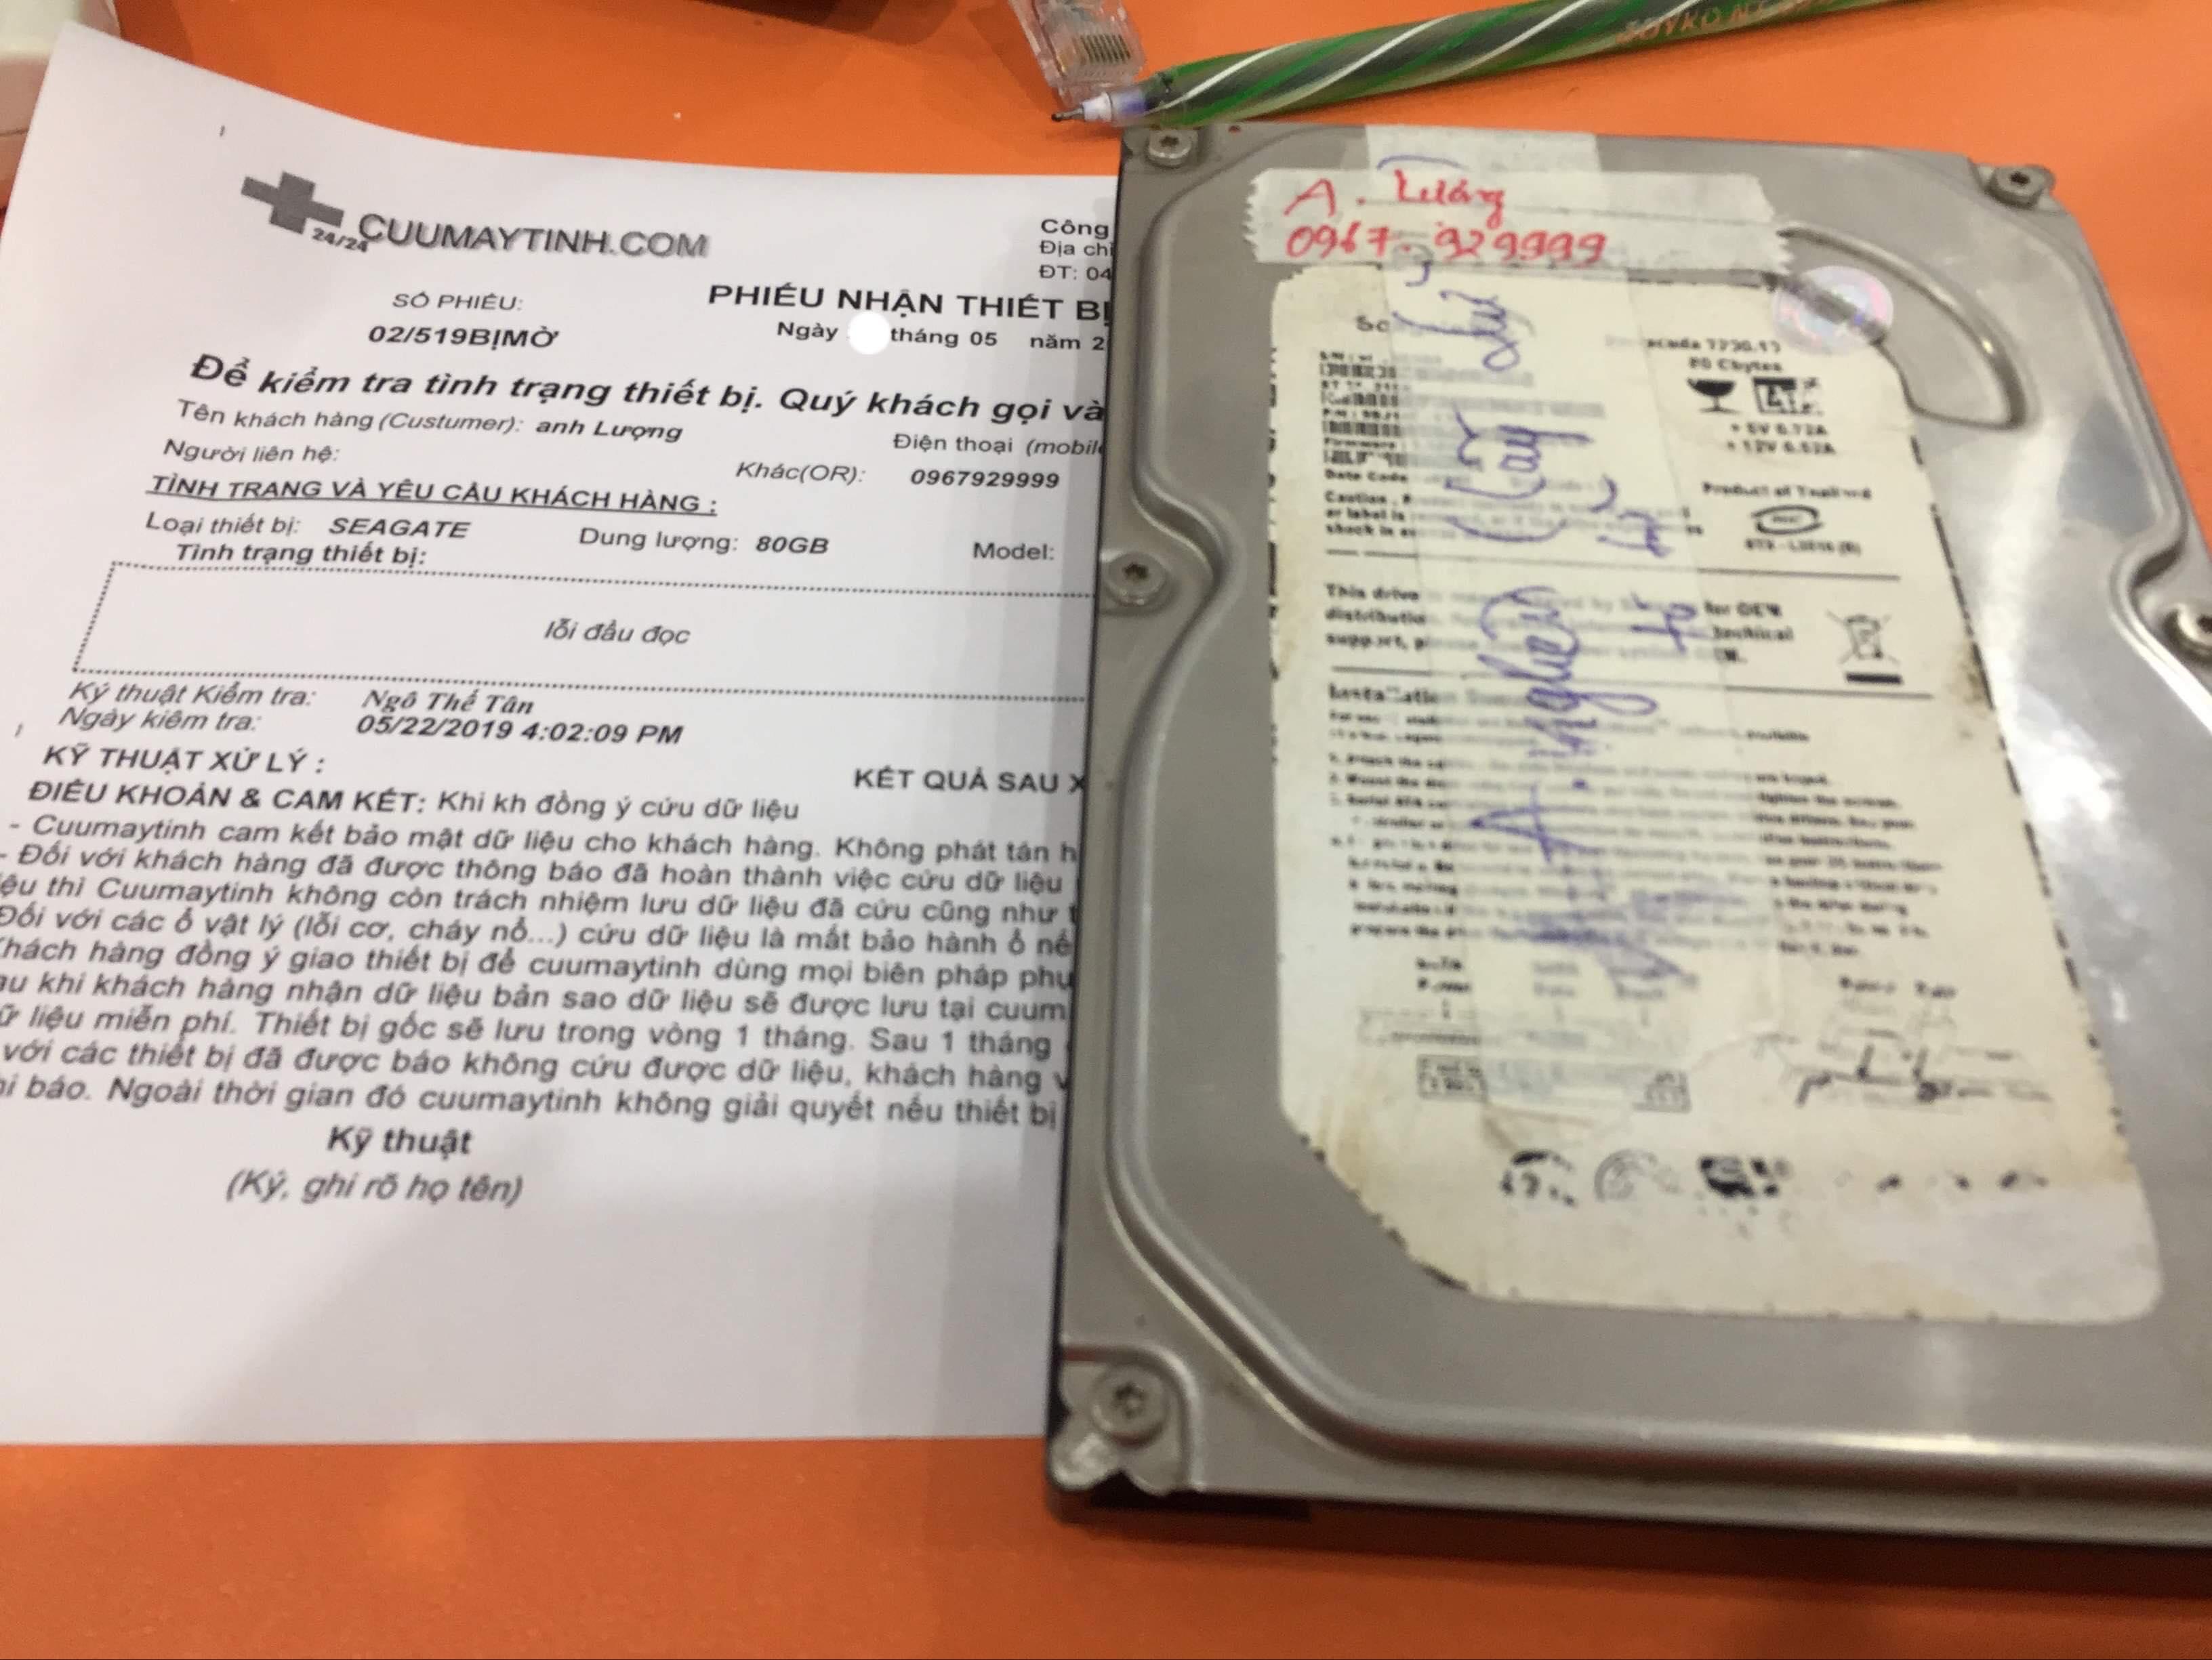 Lấy dữ liệu ổ cứng Seagate 80GB lỗi đầu đọc 28/05/2019 - cuumaytinh